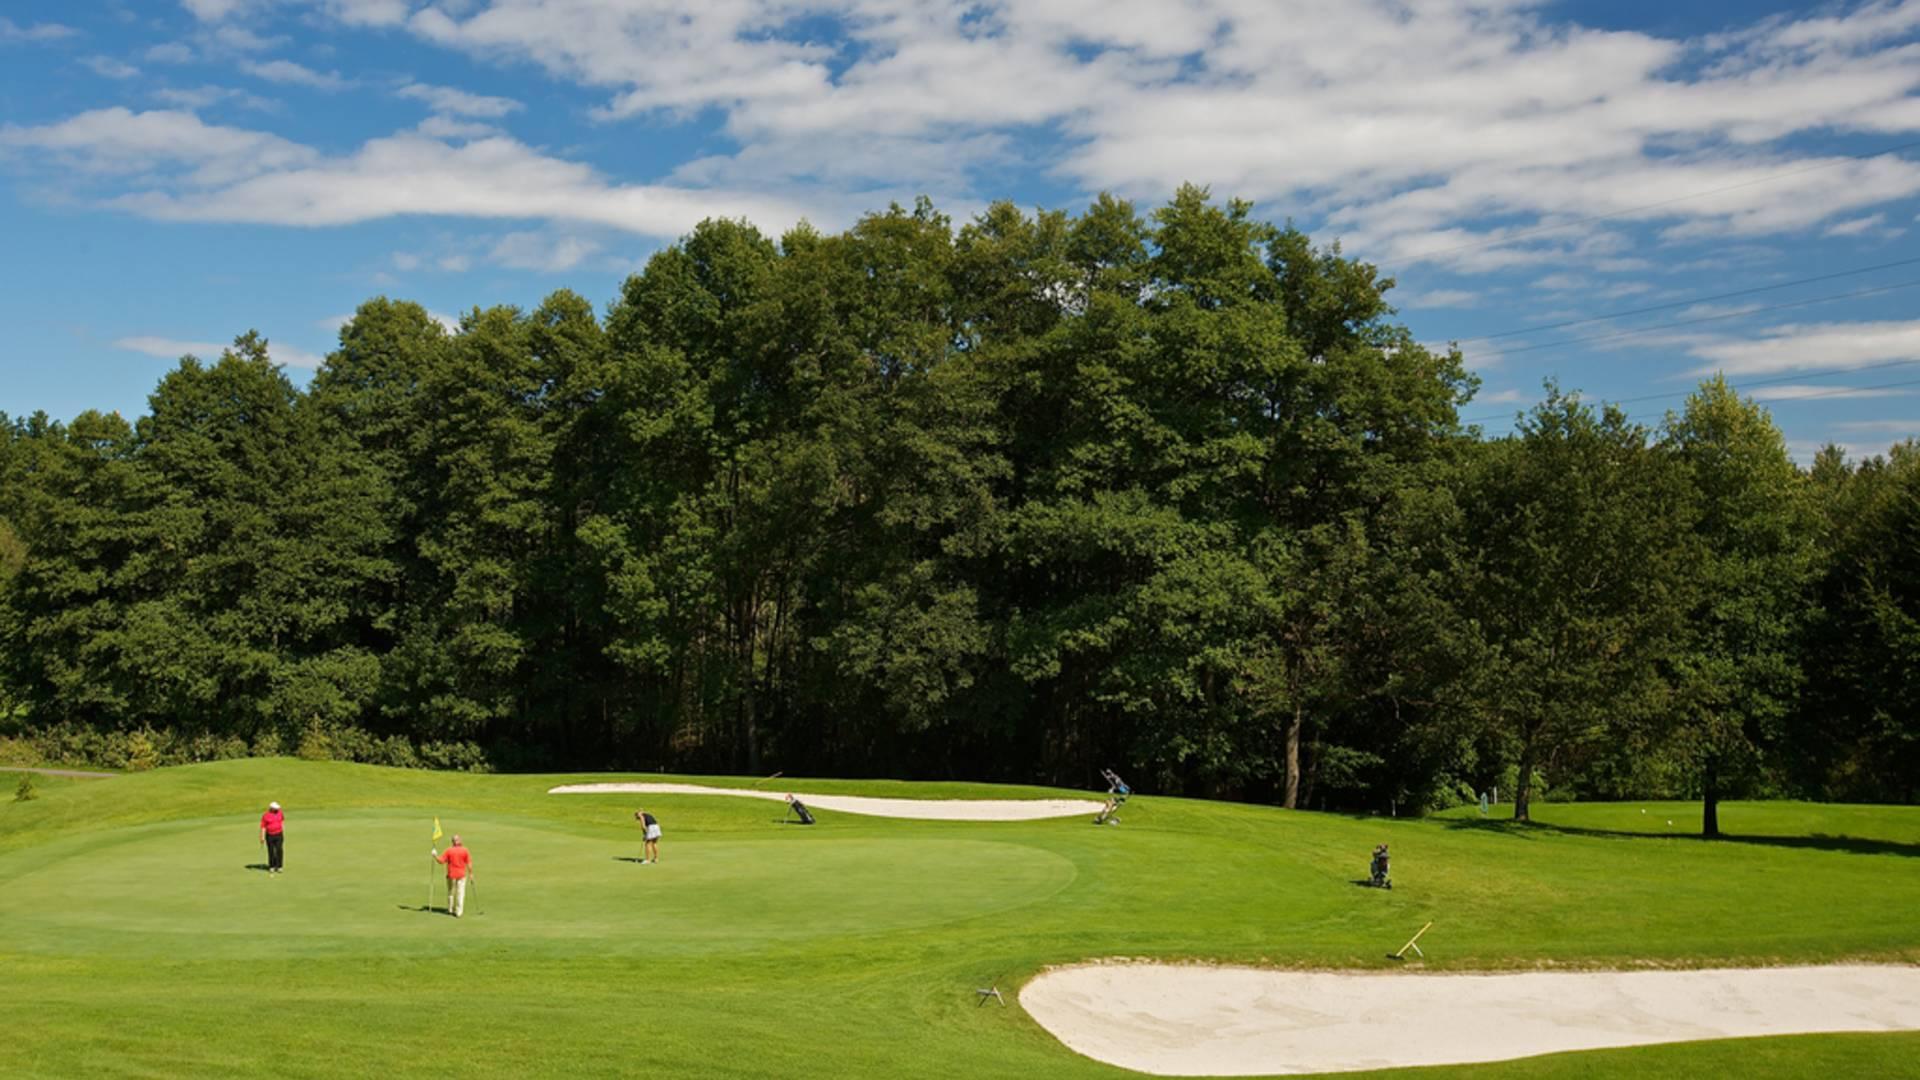 Golfen in Moosburg